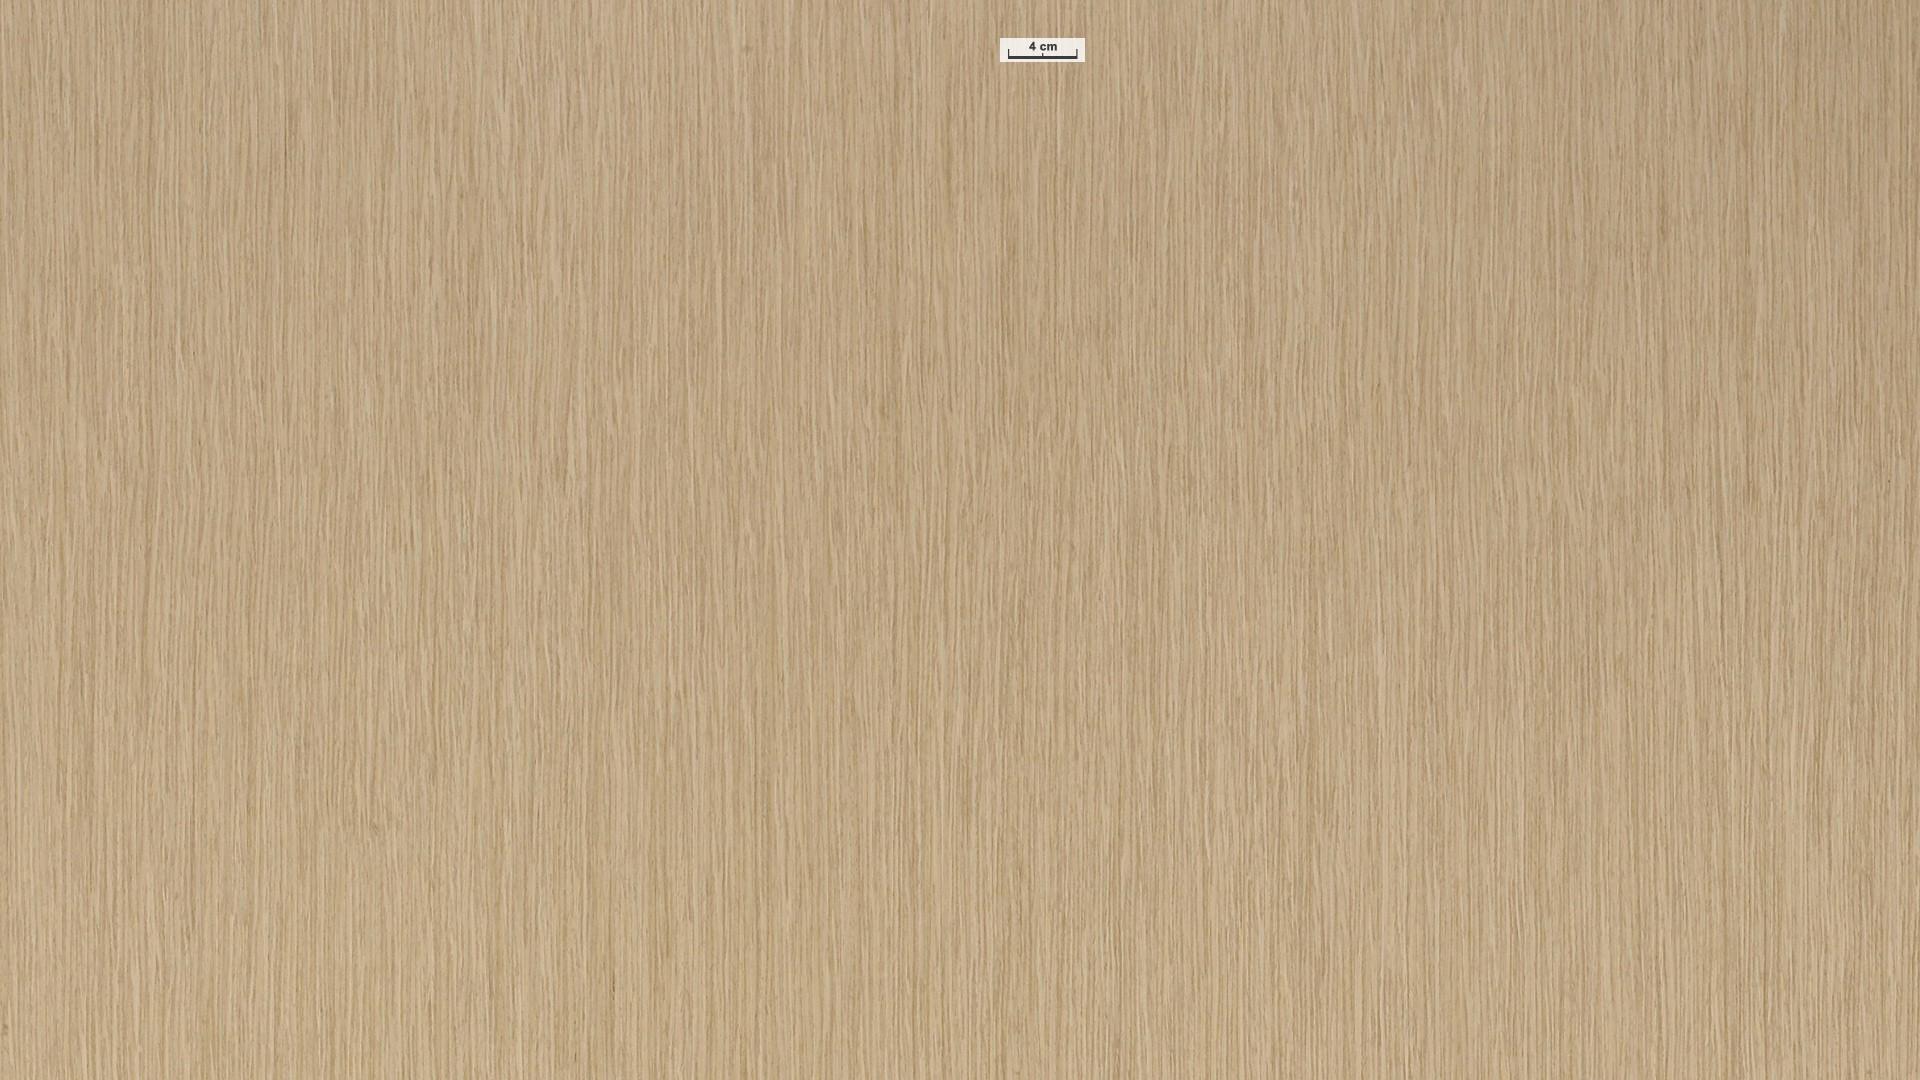 Ch ne clair de fil hubler - Texture bois clair ...